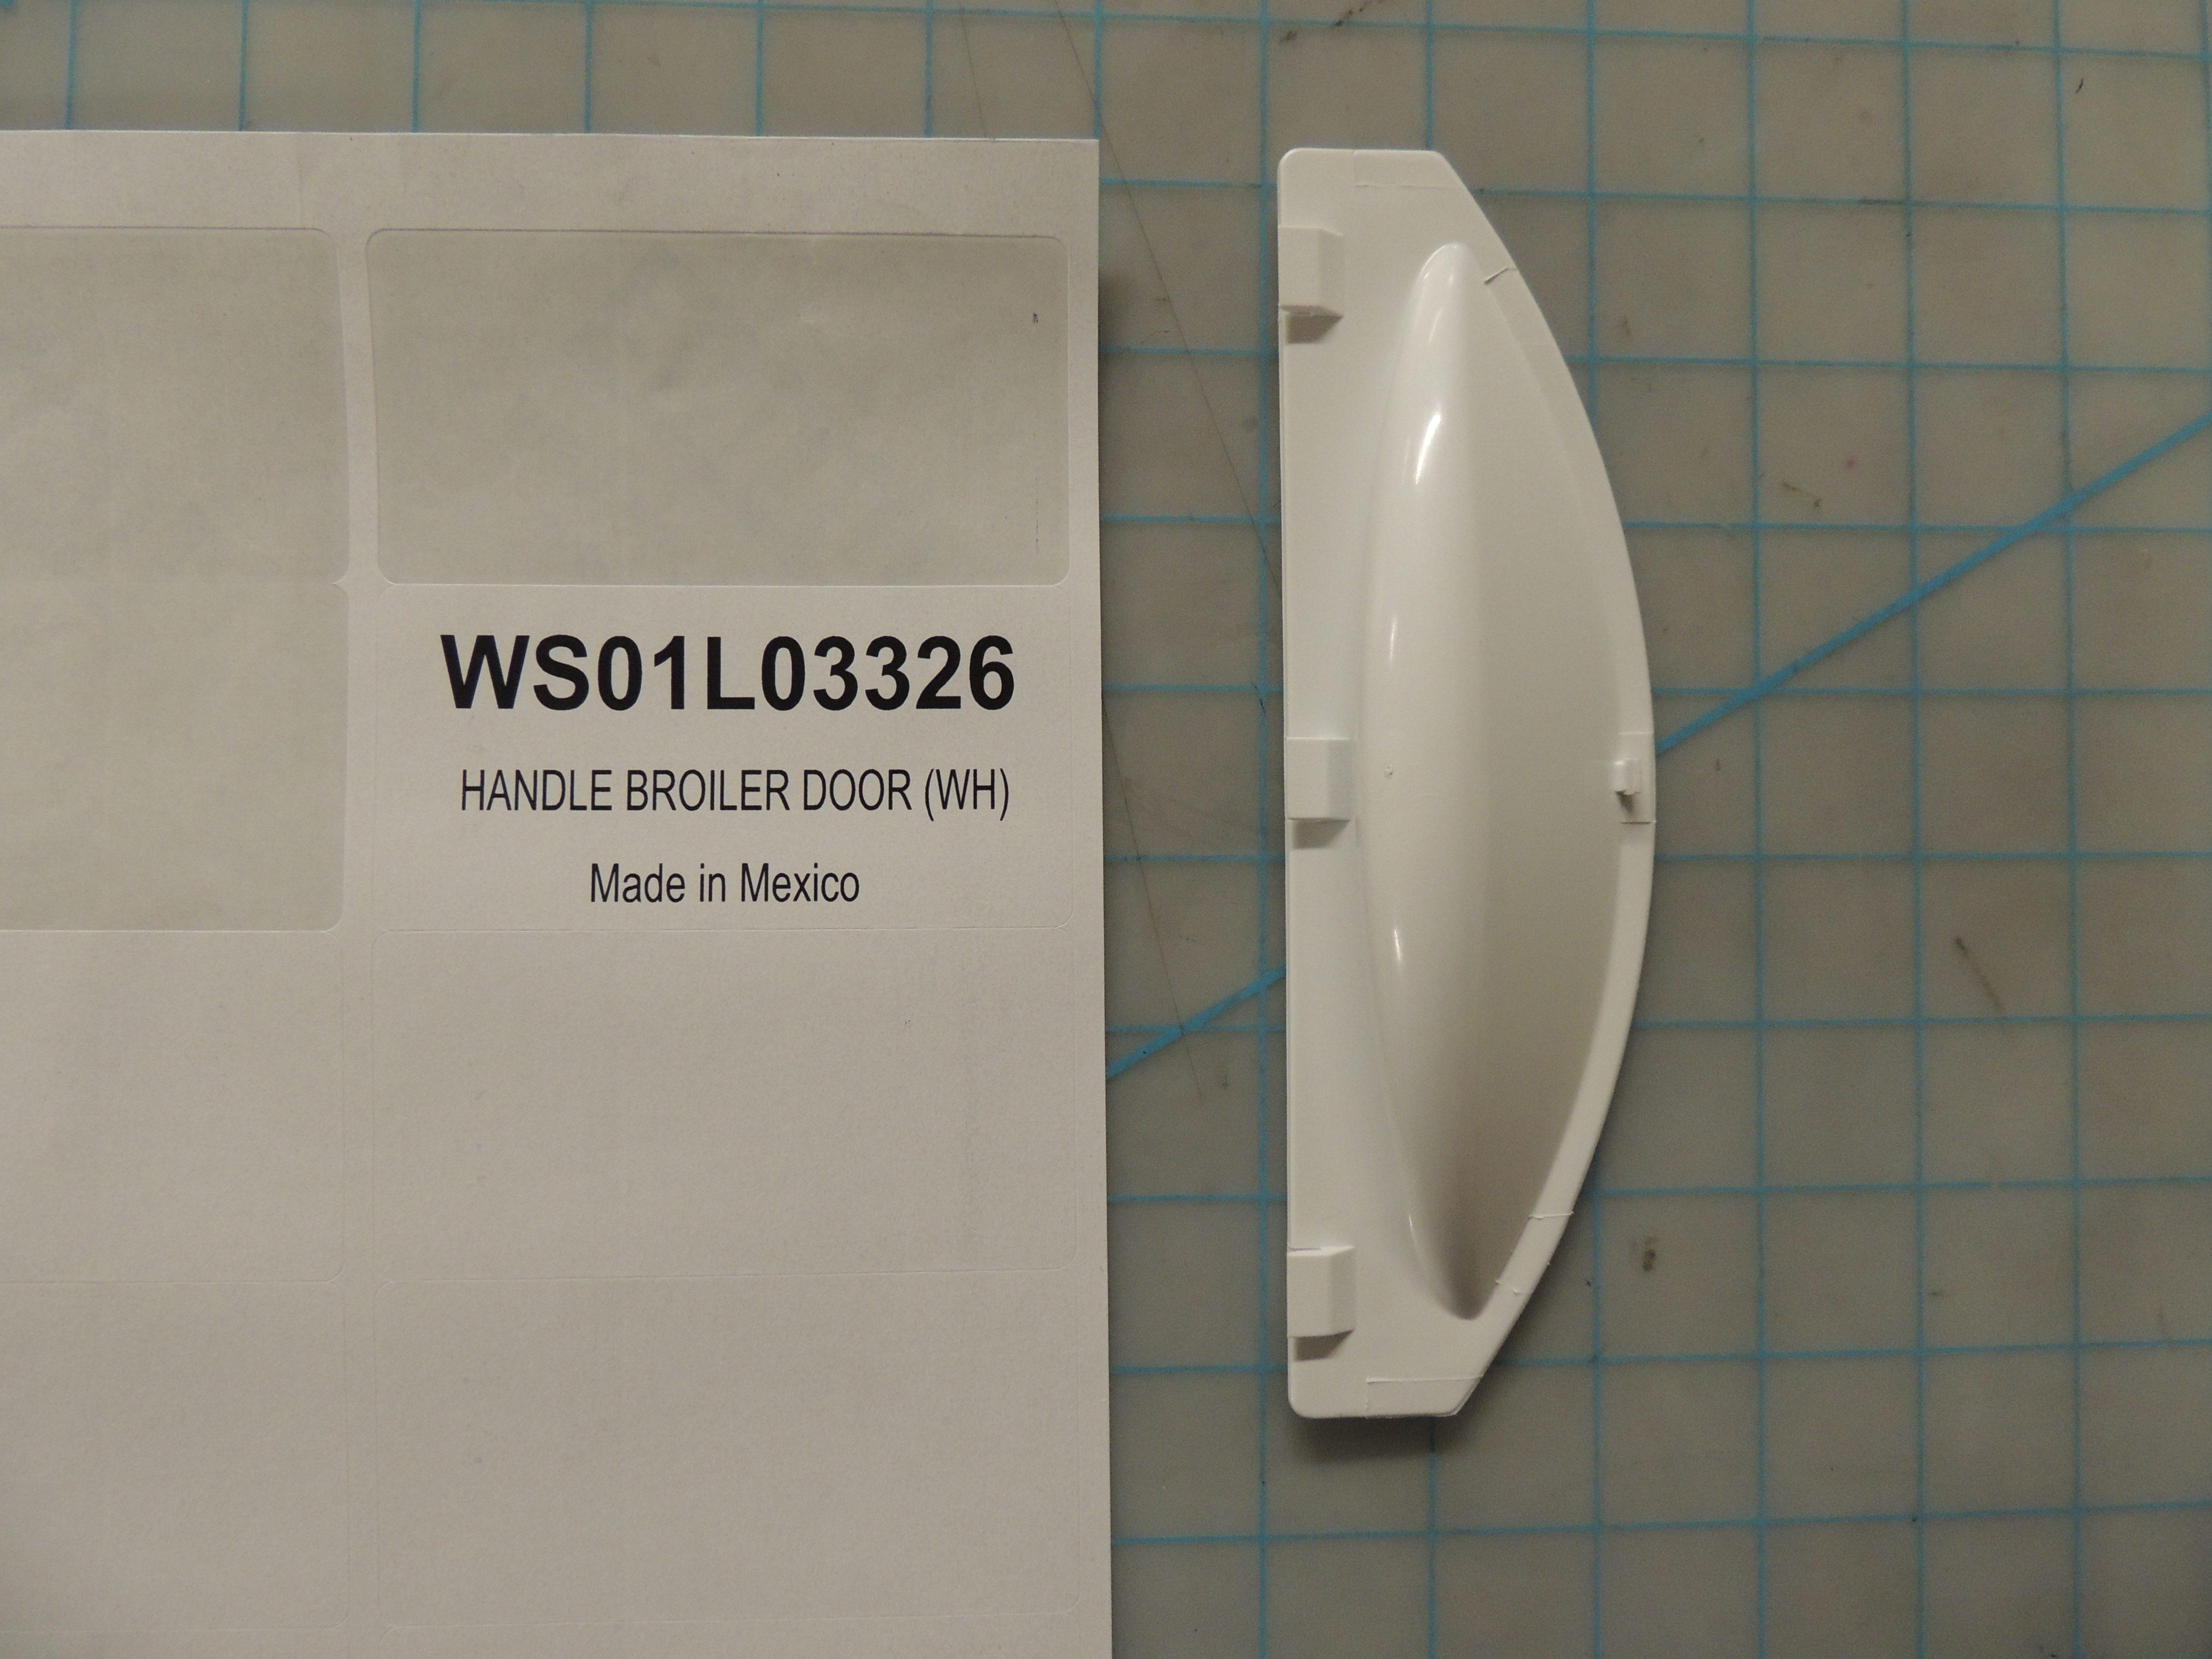 HANDLE BROILER DOOR (WH)